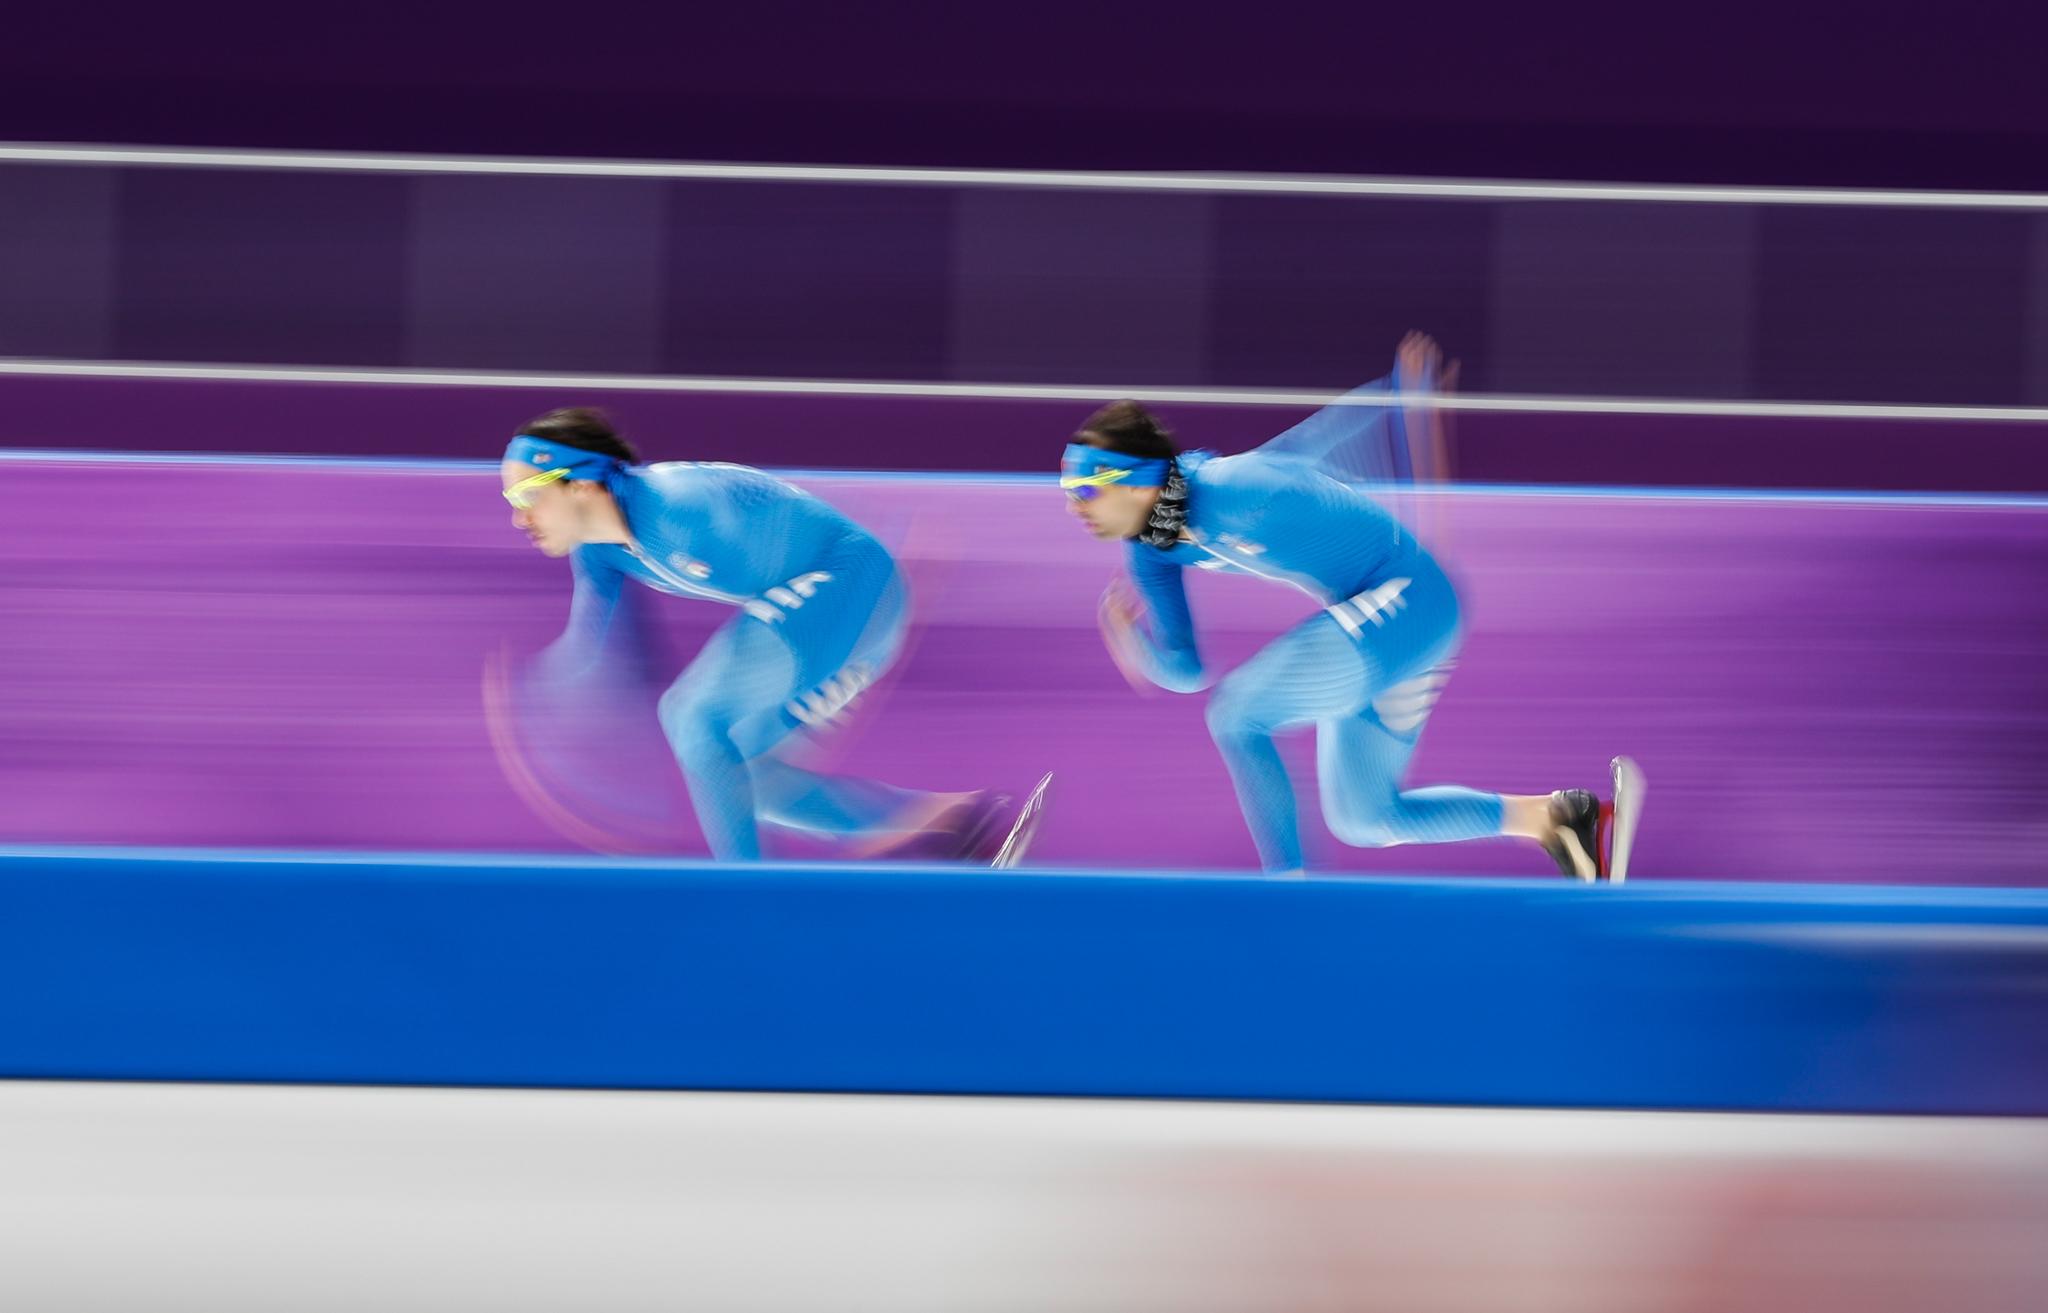 Dois homens competem em patinação de velocidade (© Petr David Josek/AP Images)